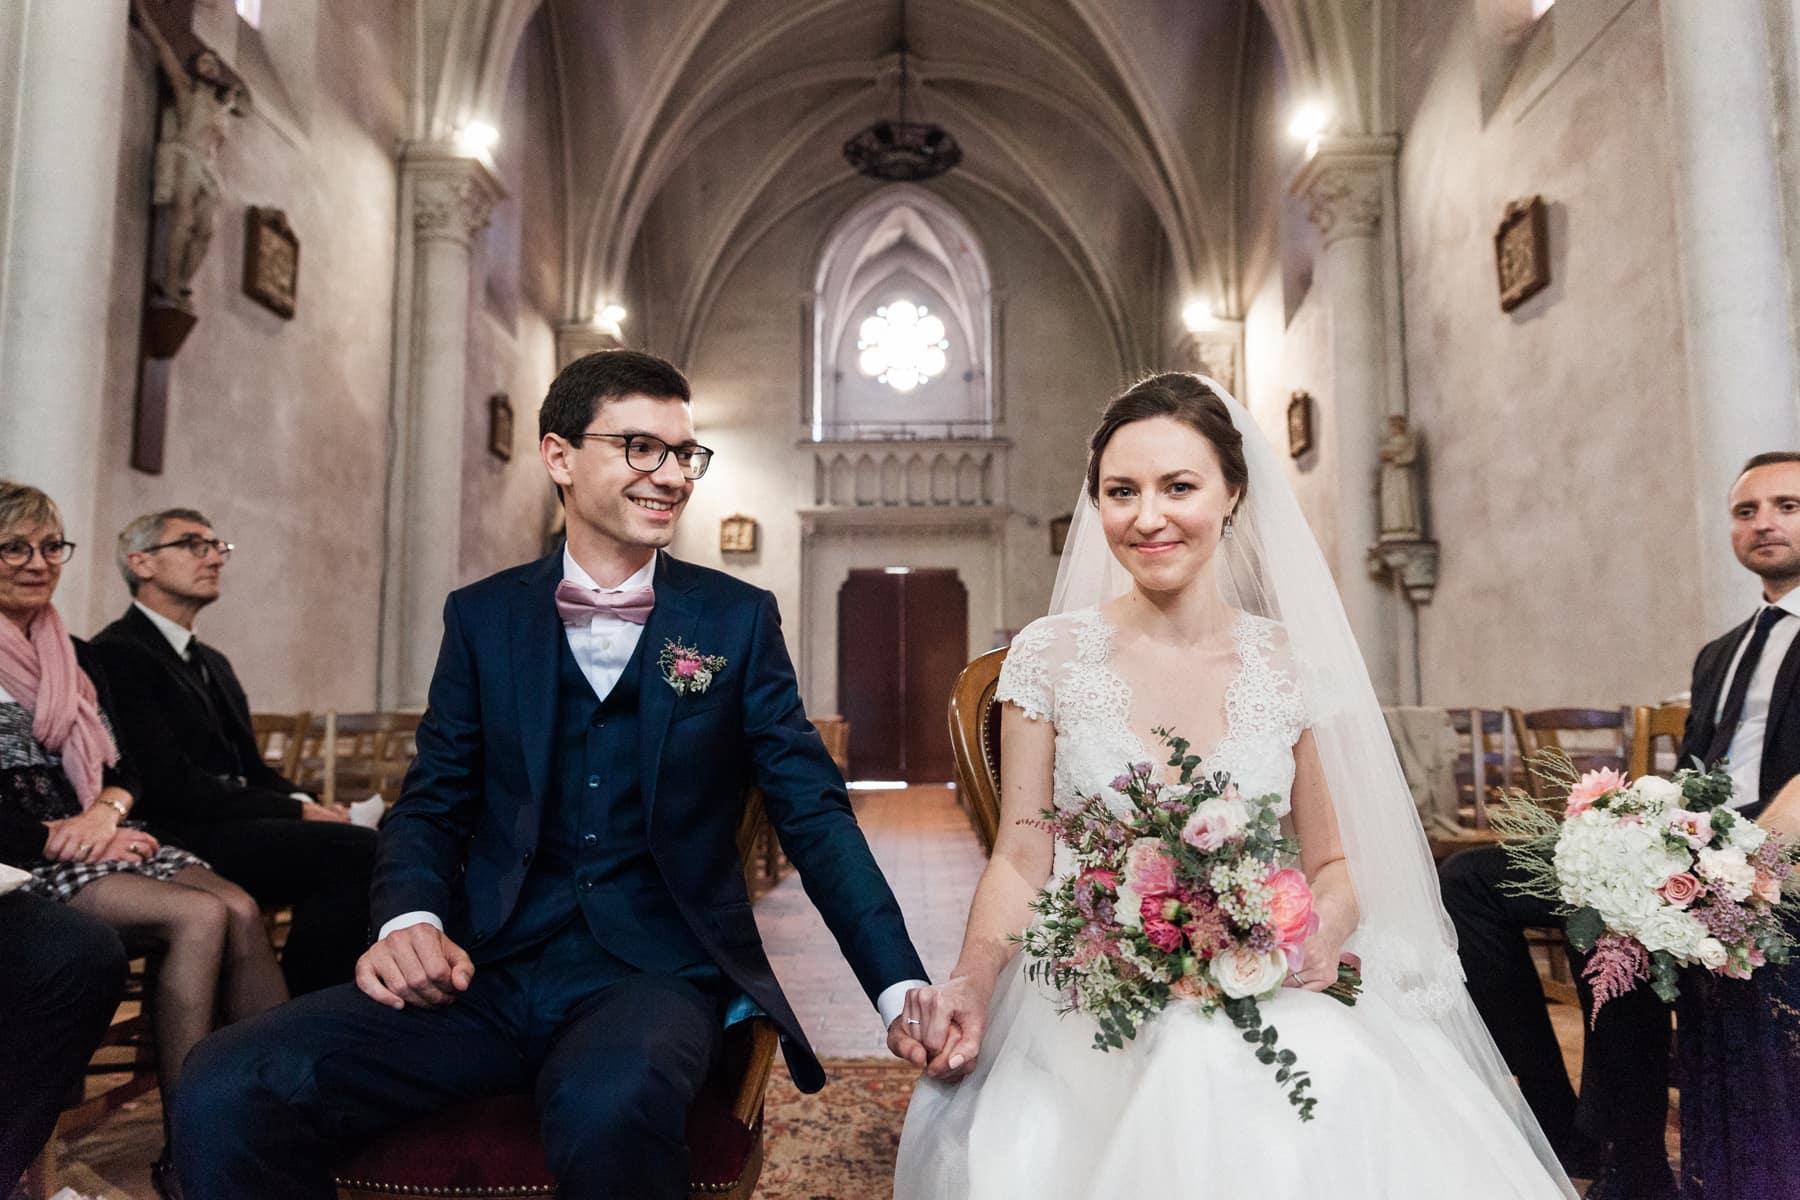 Photographe de mariage, les mariés sont heureux, à l'église à Saint d'Illac, près de Bordeaux